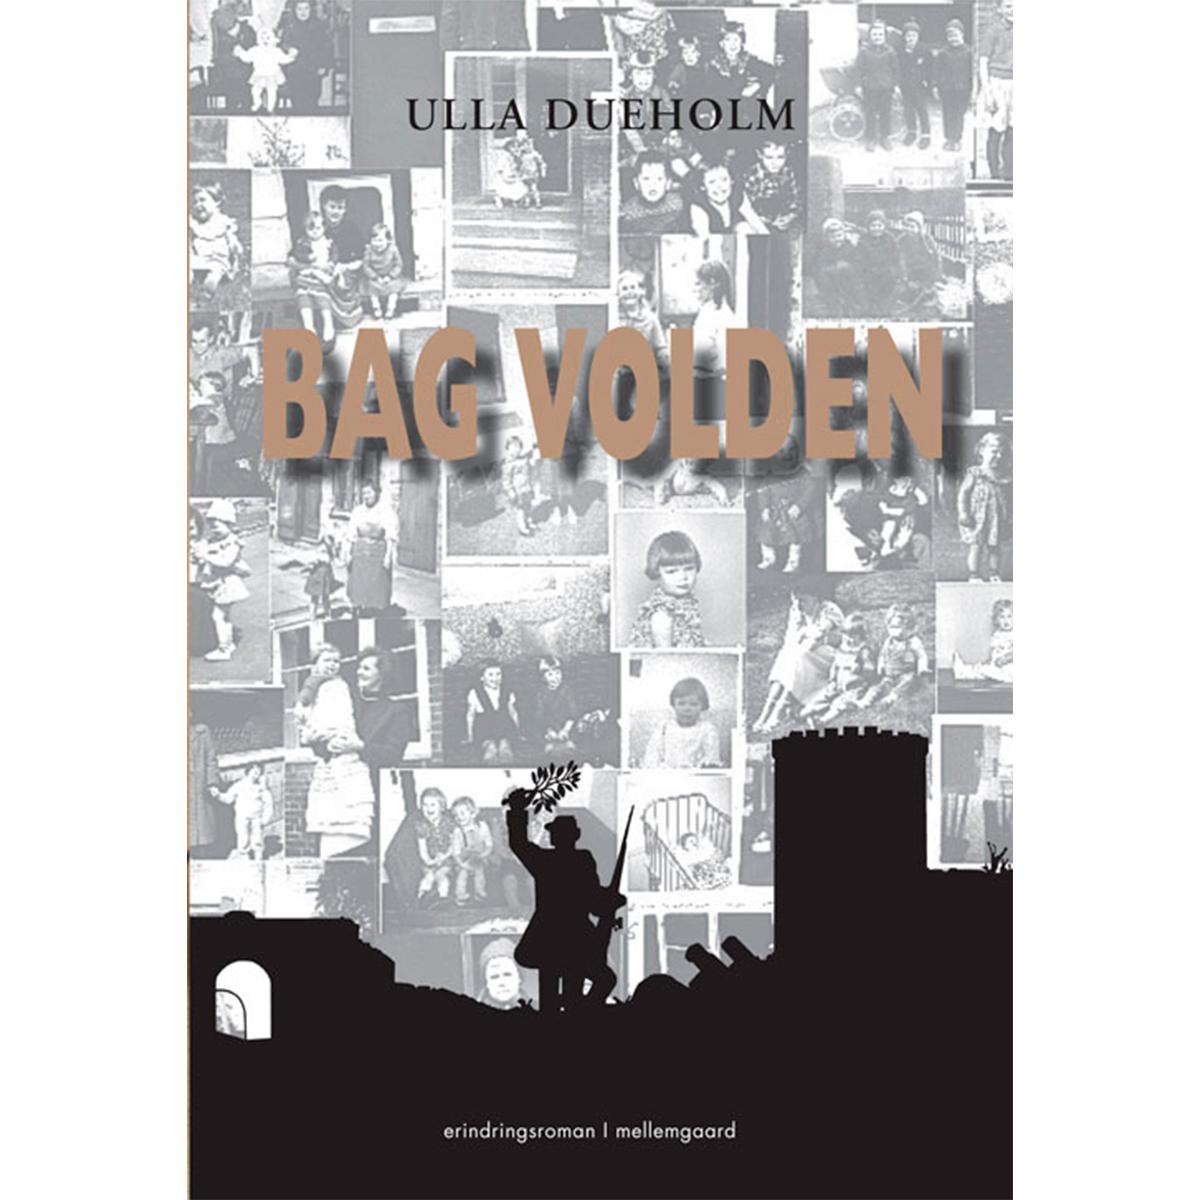 Billede af Bag volden - Hæftet